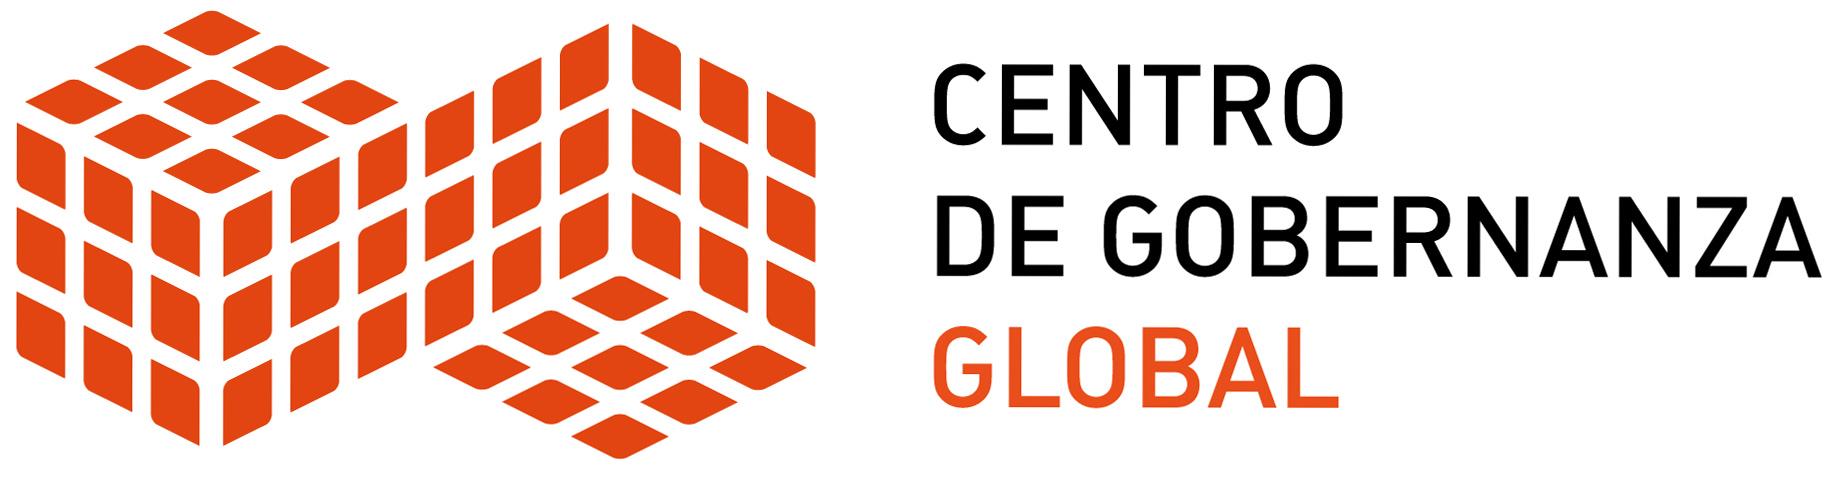 Logotipo ok 2